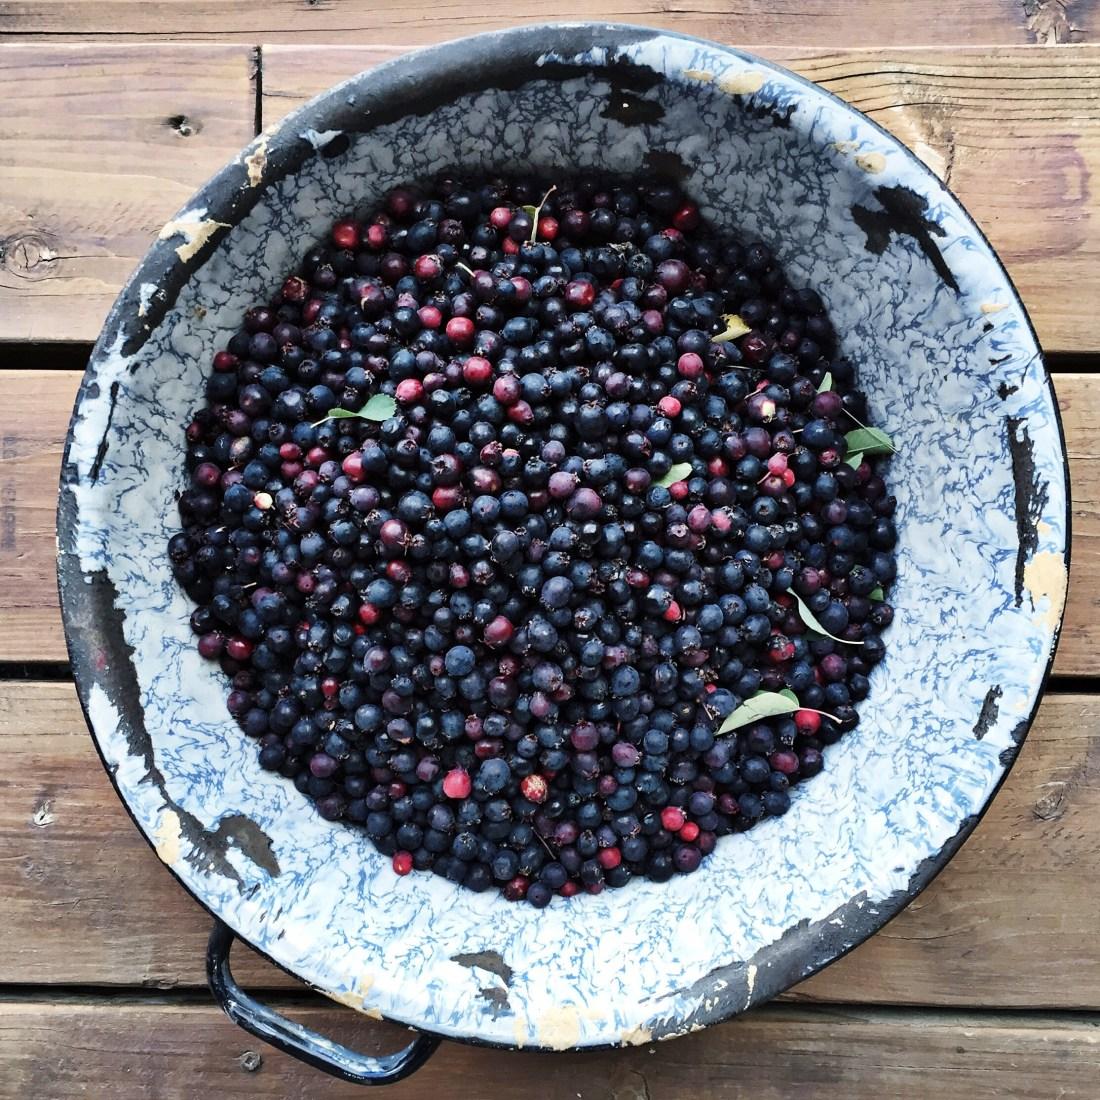 bucket of freshly picked Saskatoon berries